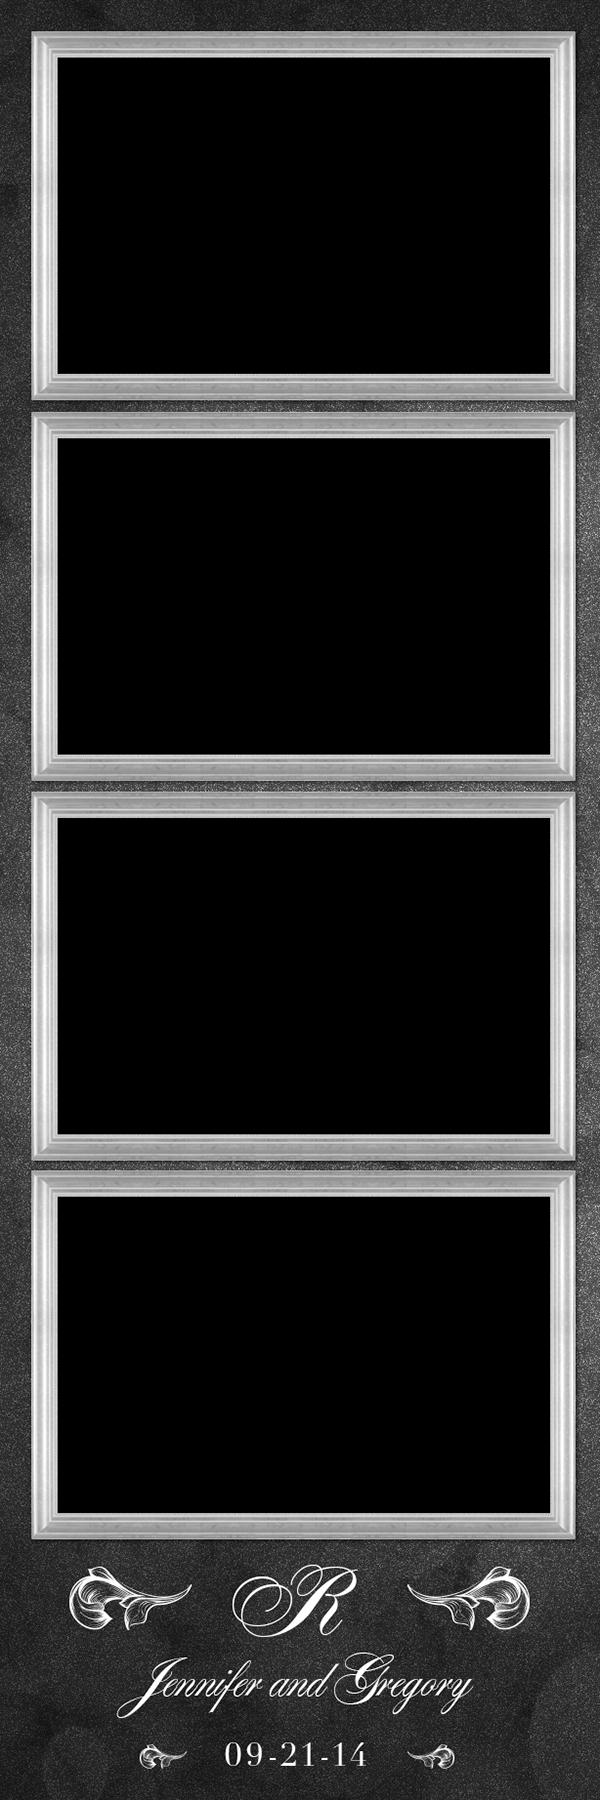 009B_FrameSliver_4UP_D1.png